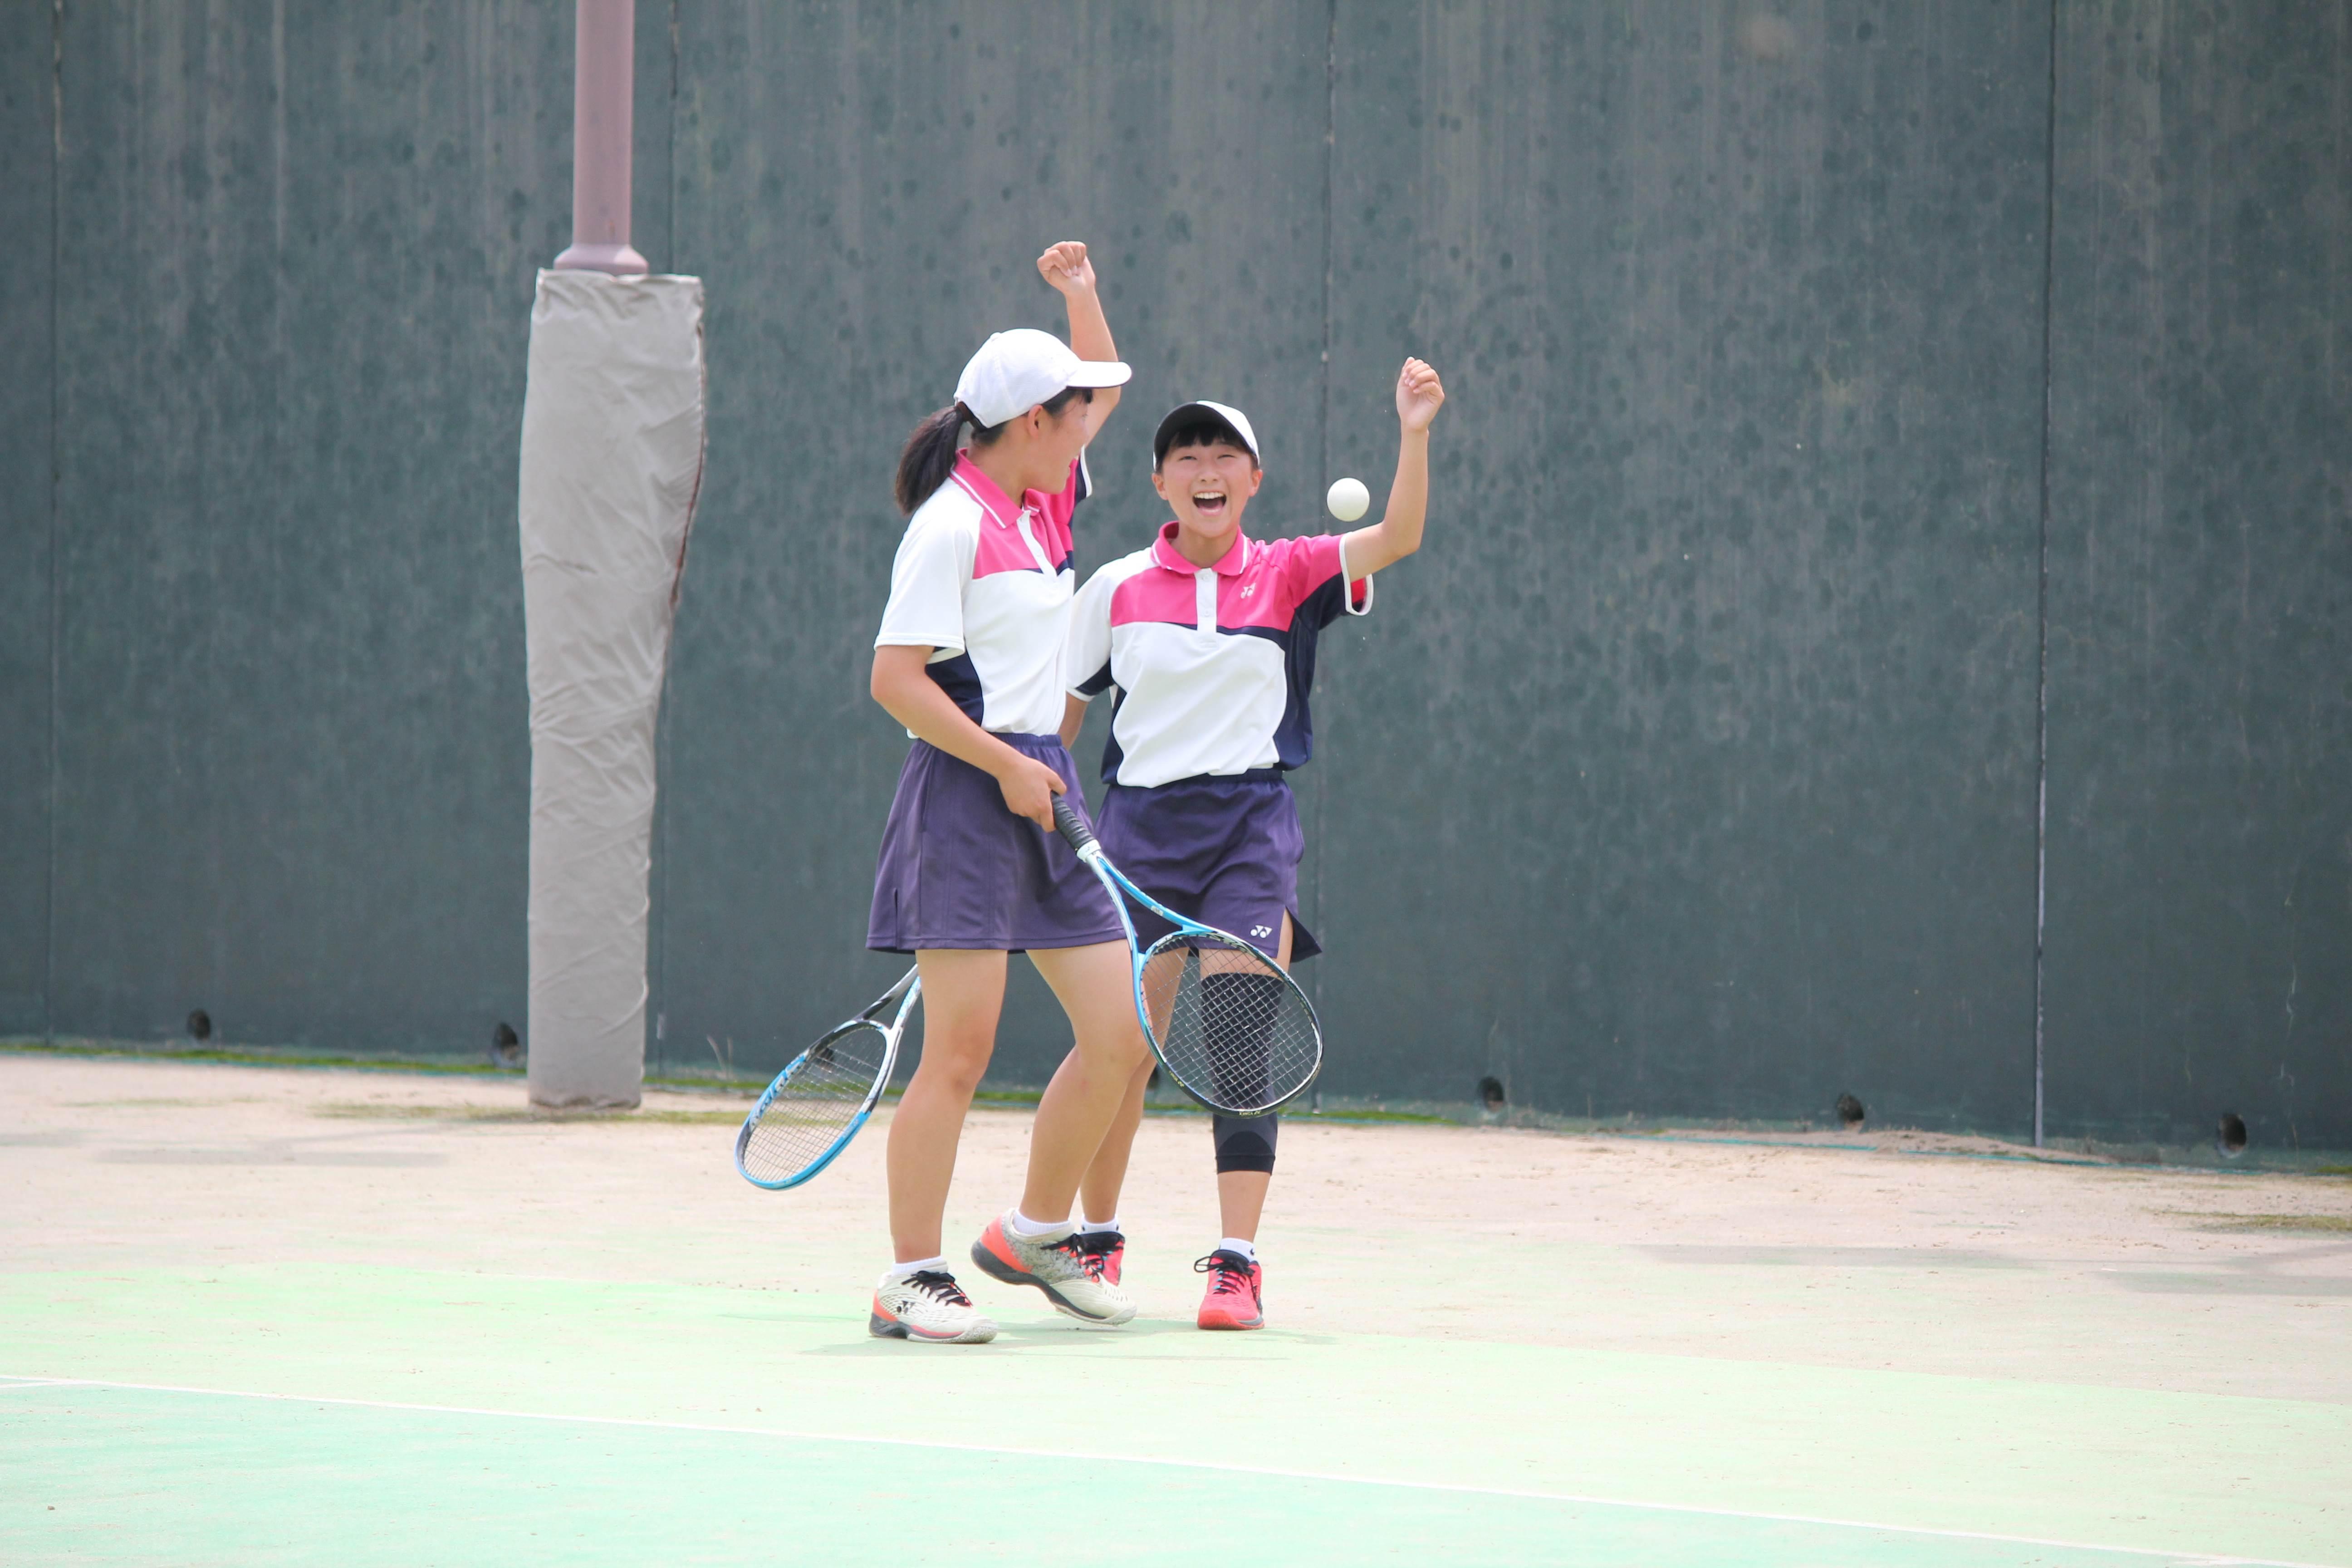 ソフトテニス (89)